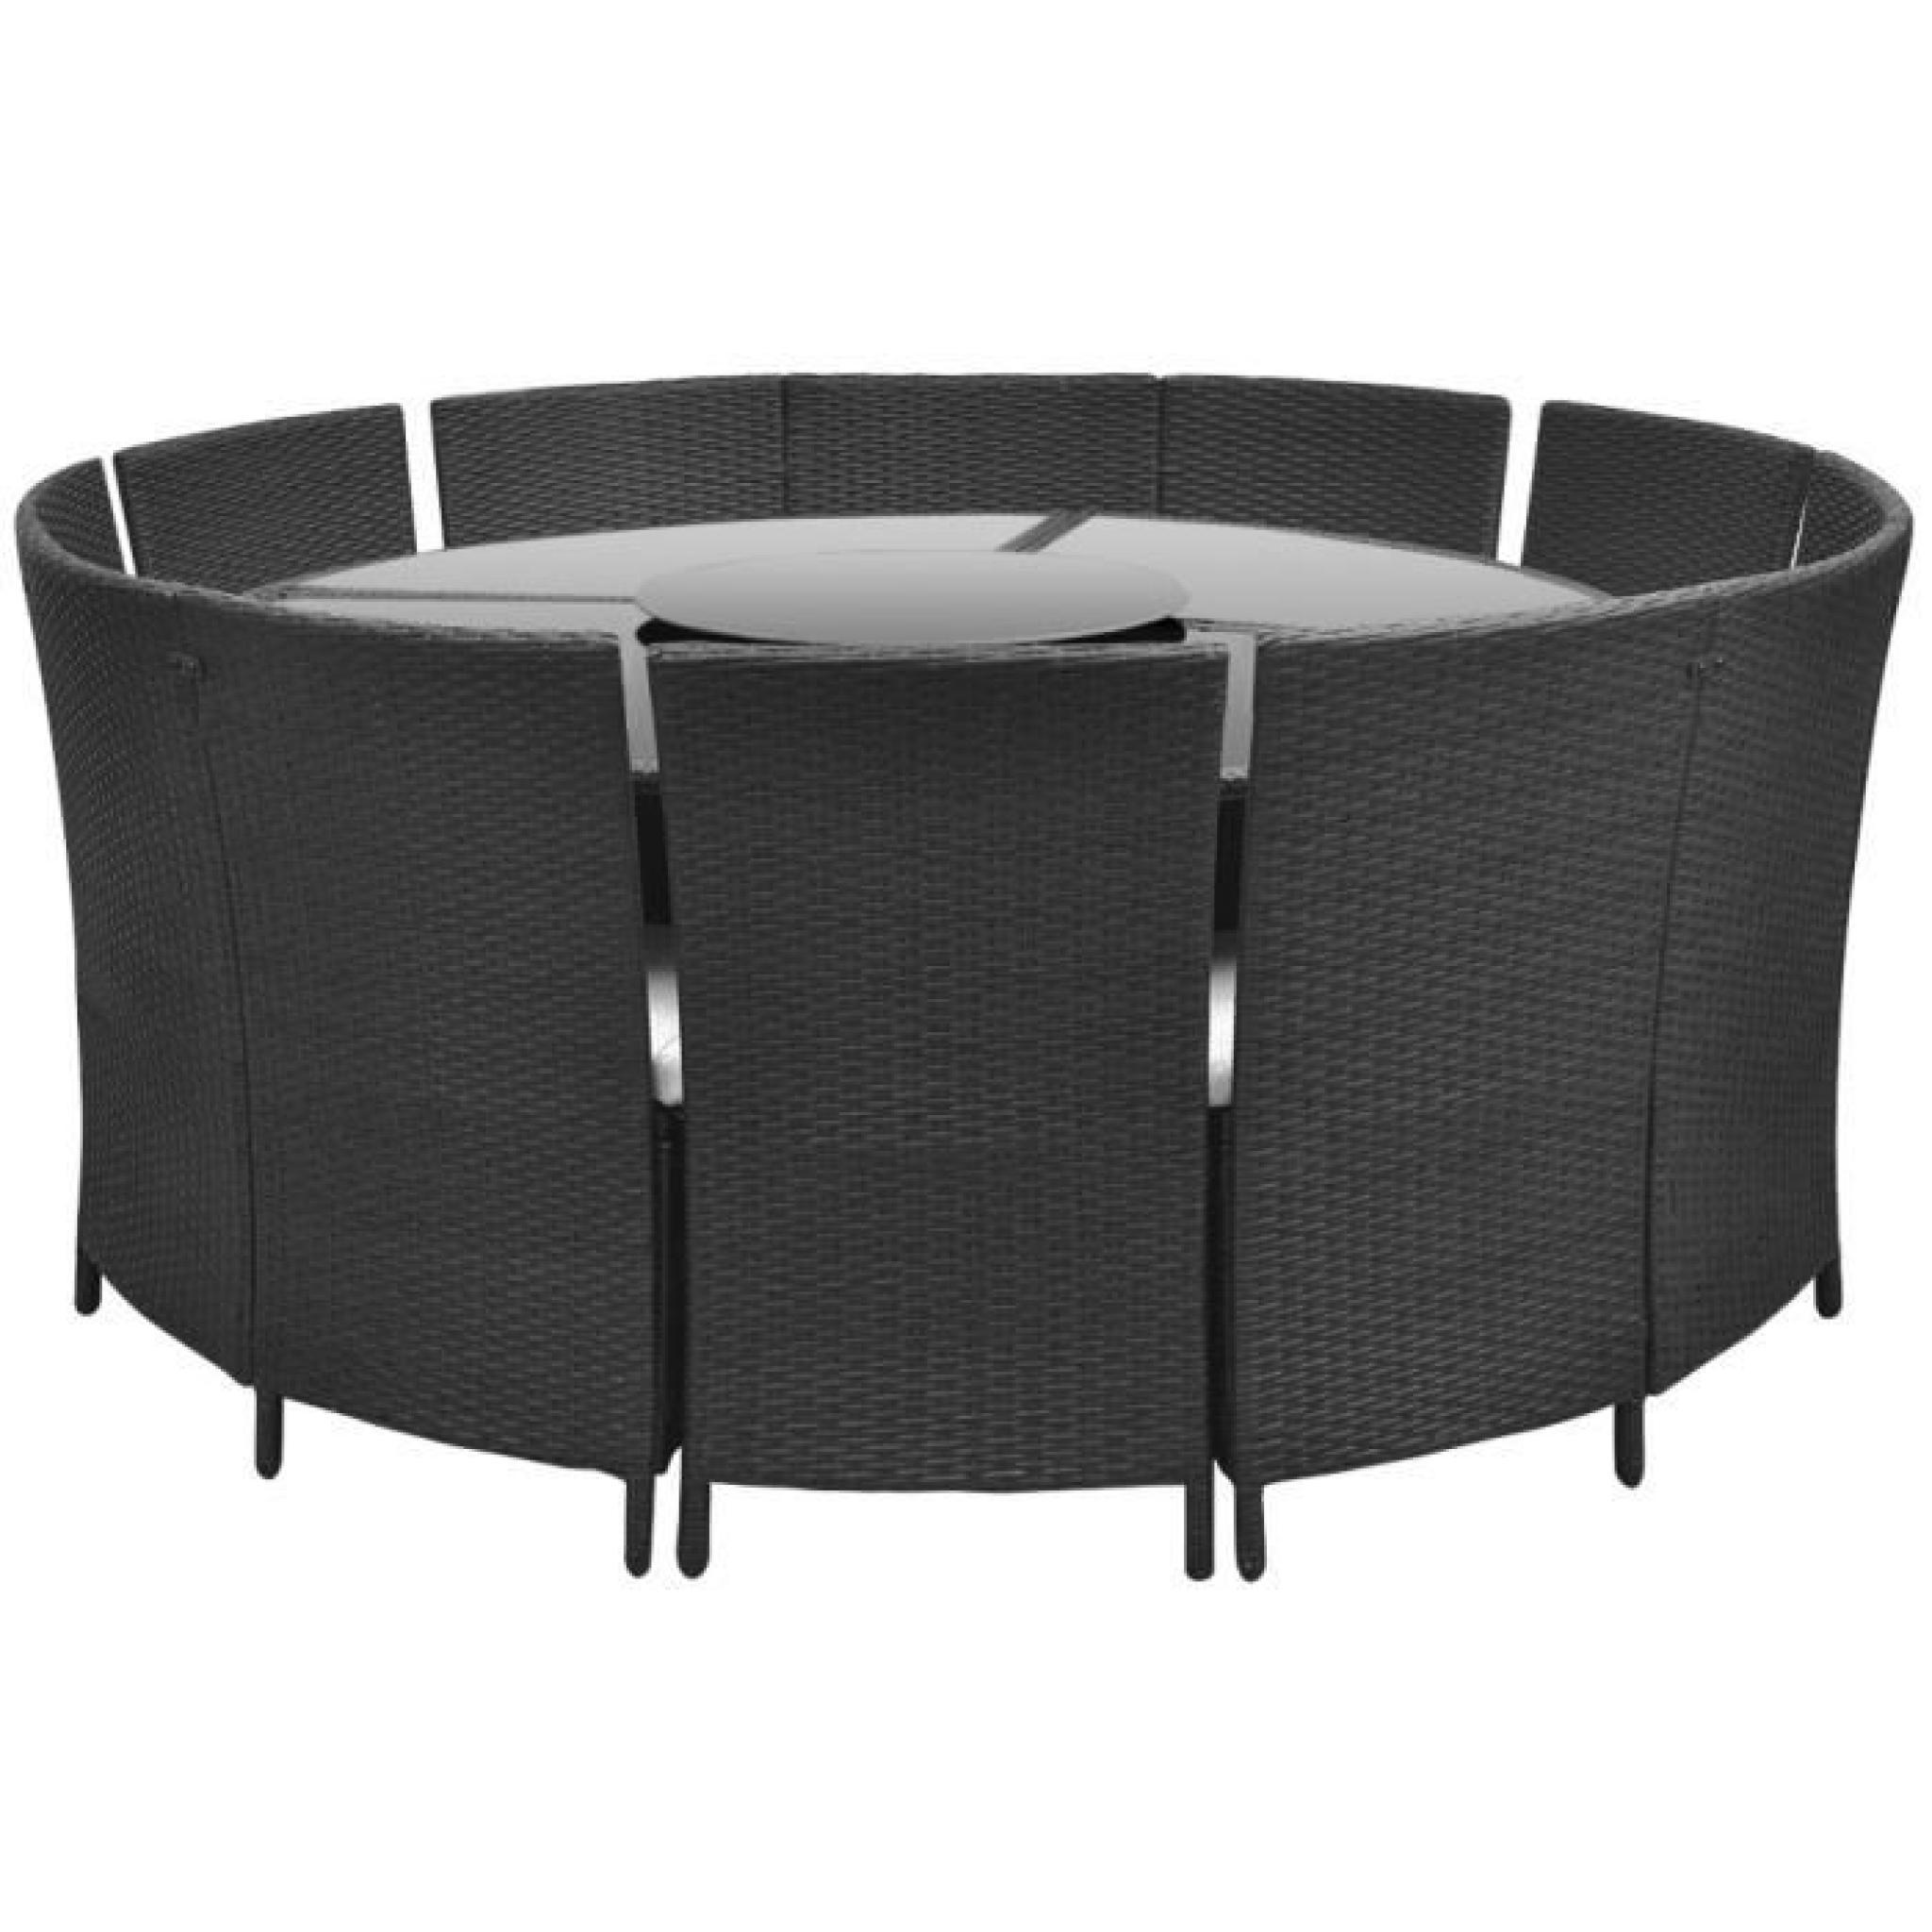 Salon de jardin noir en polyrotin table ronde et chaises 12 pers.